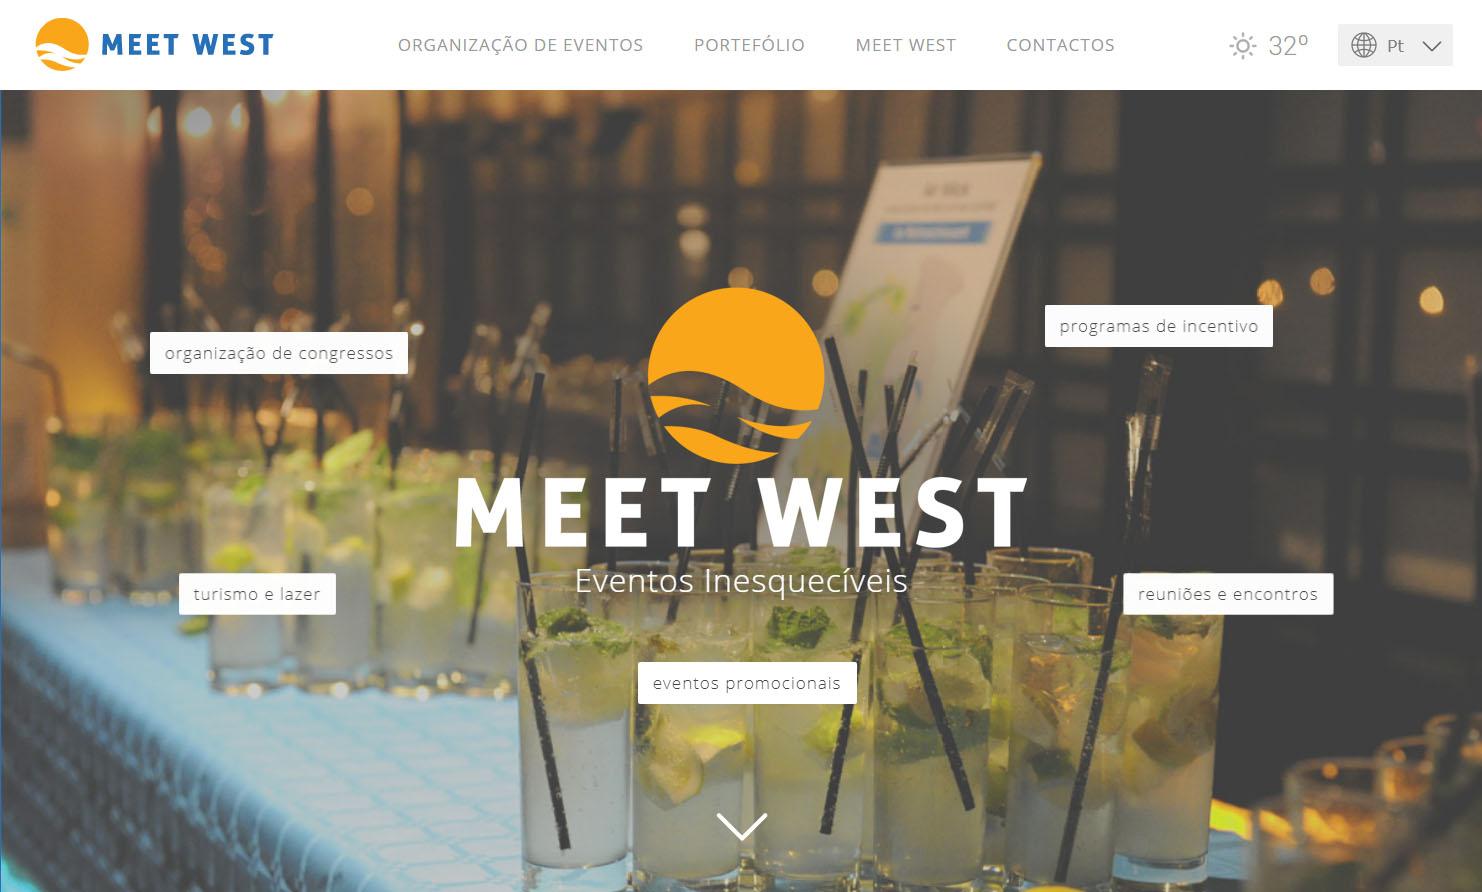 MEET WEST's Website